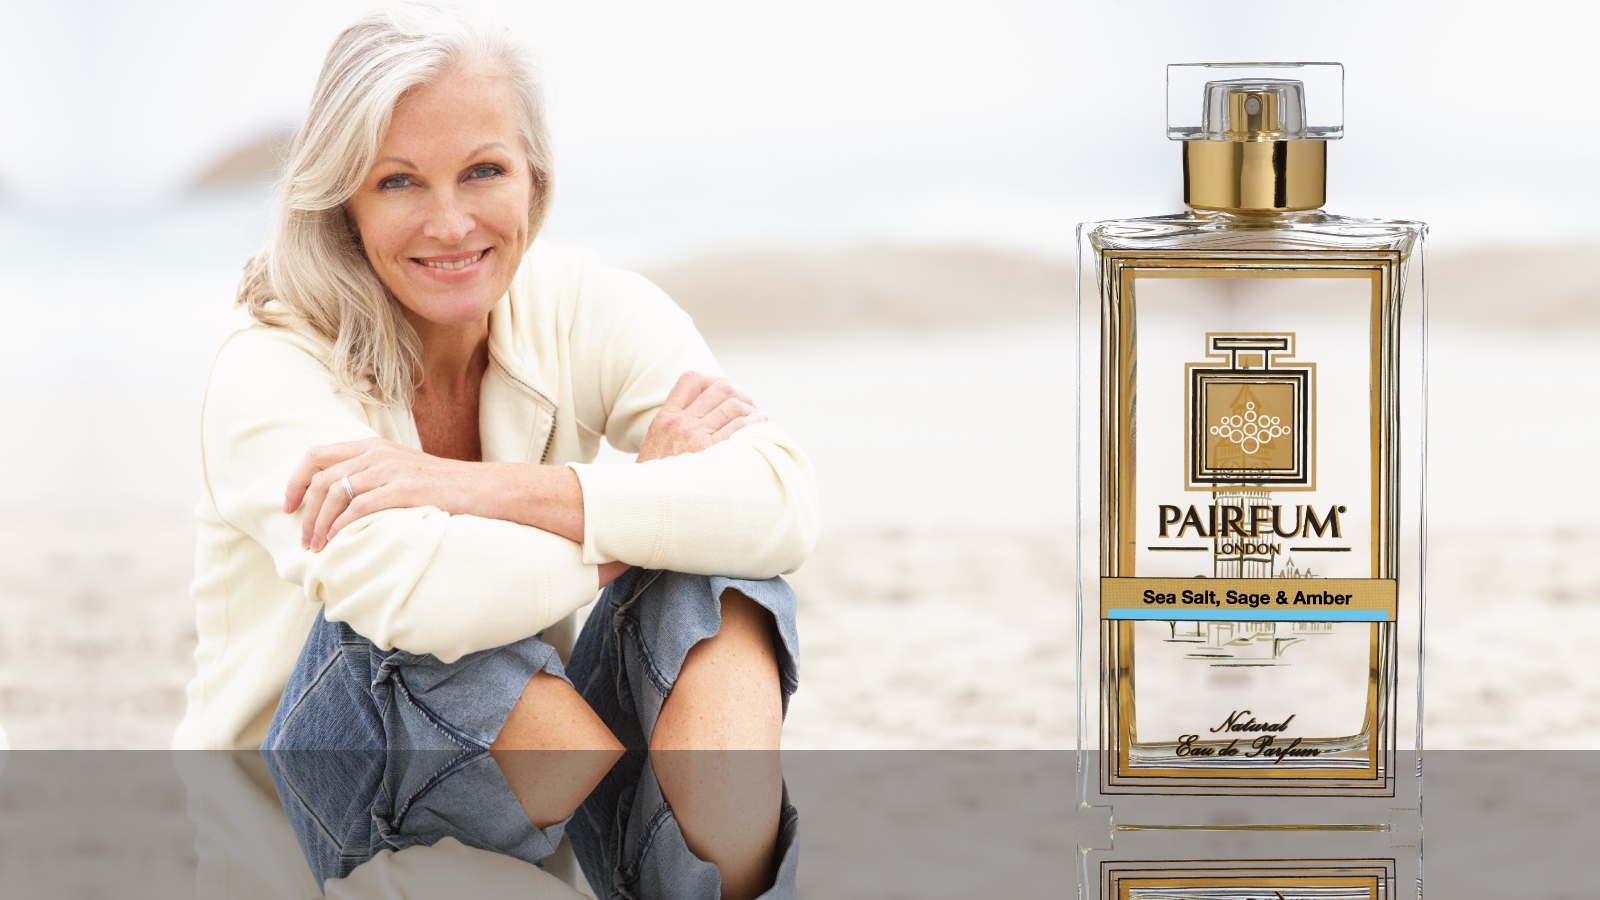 Eau De Parfum Person Reflection Sea Salt Sage Amber Woman Sand 16 9